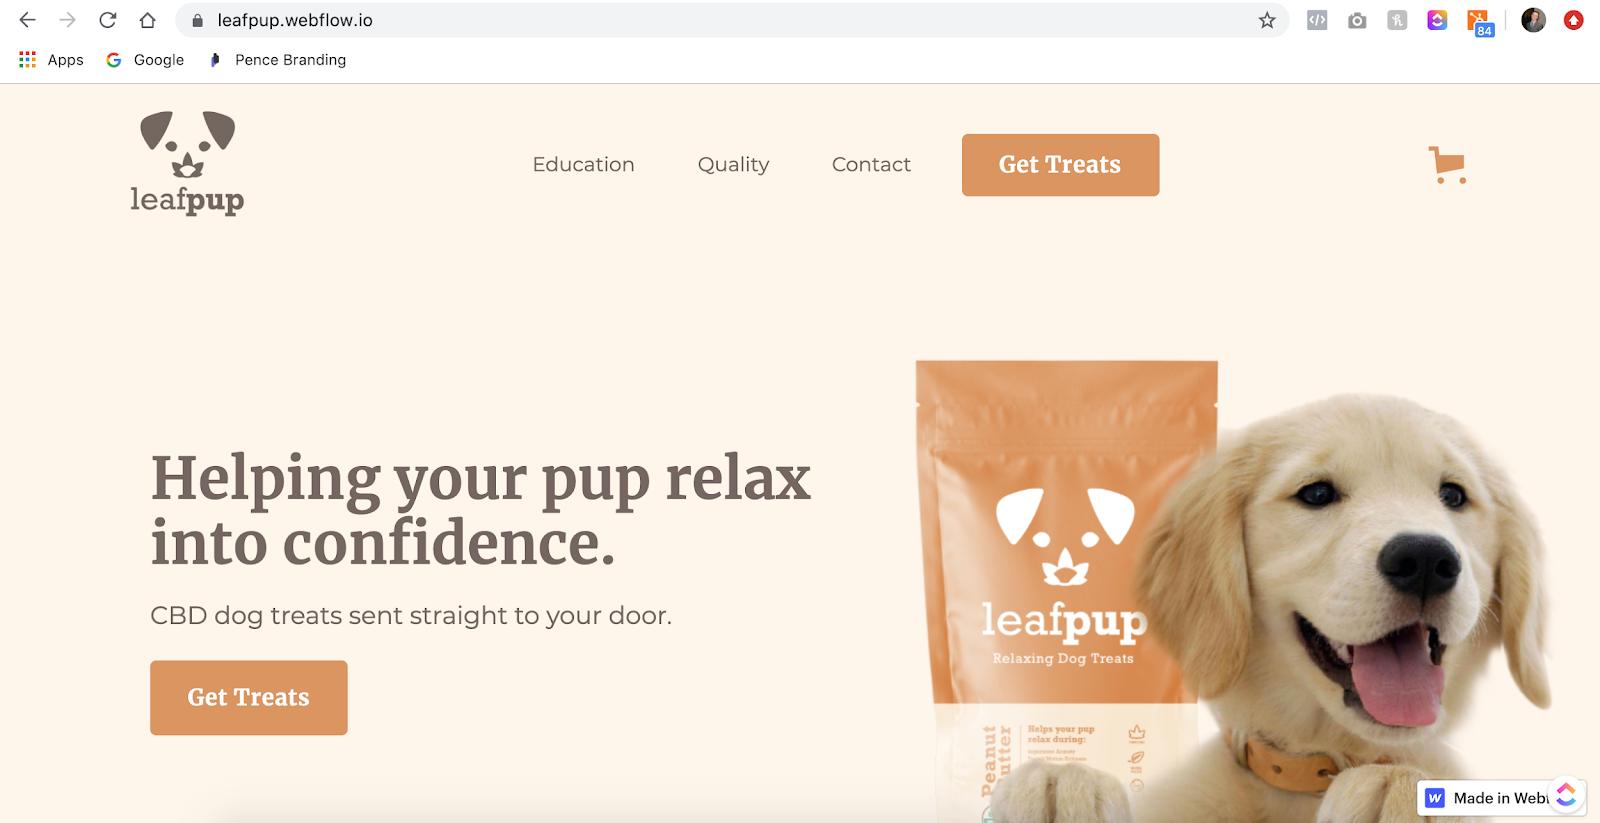 Leafpup's Website